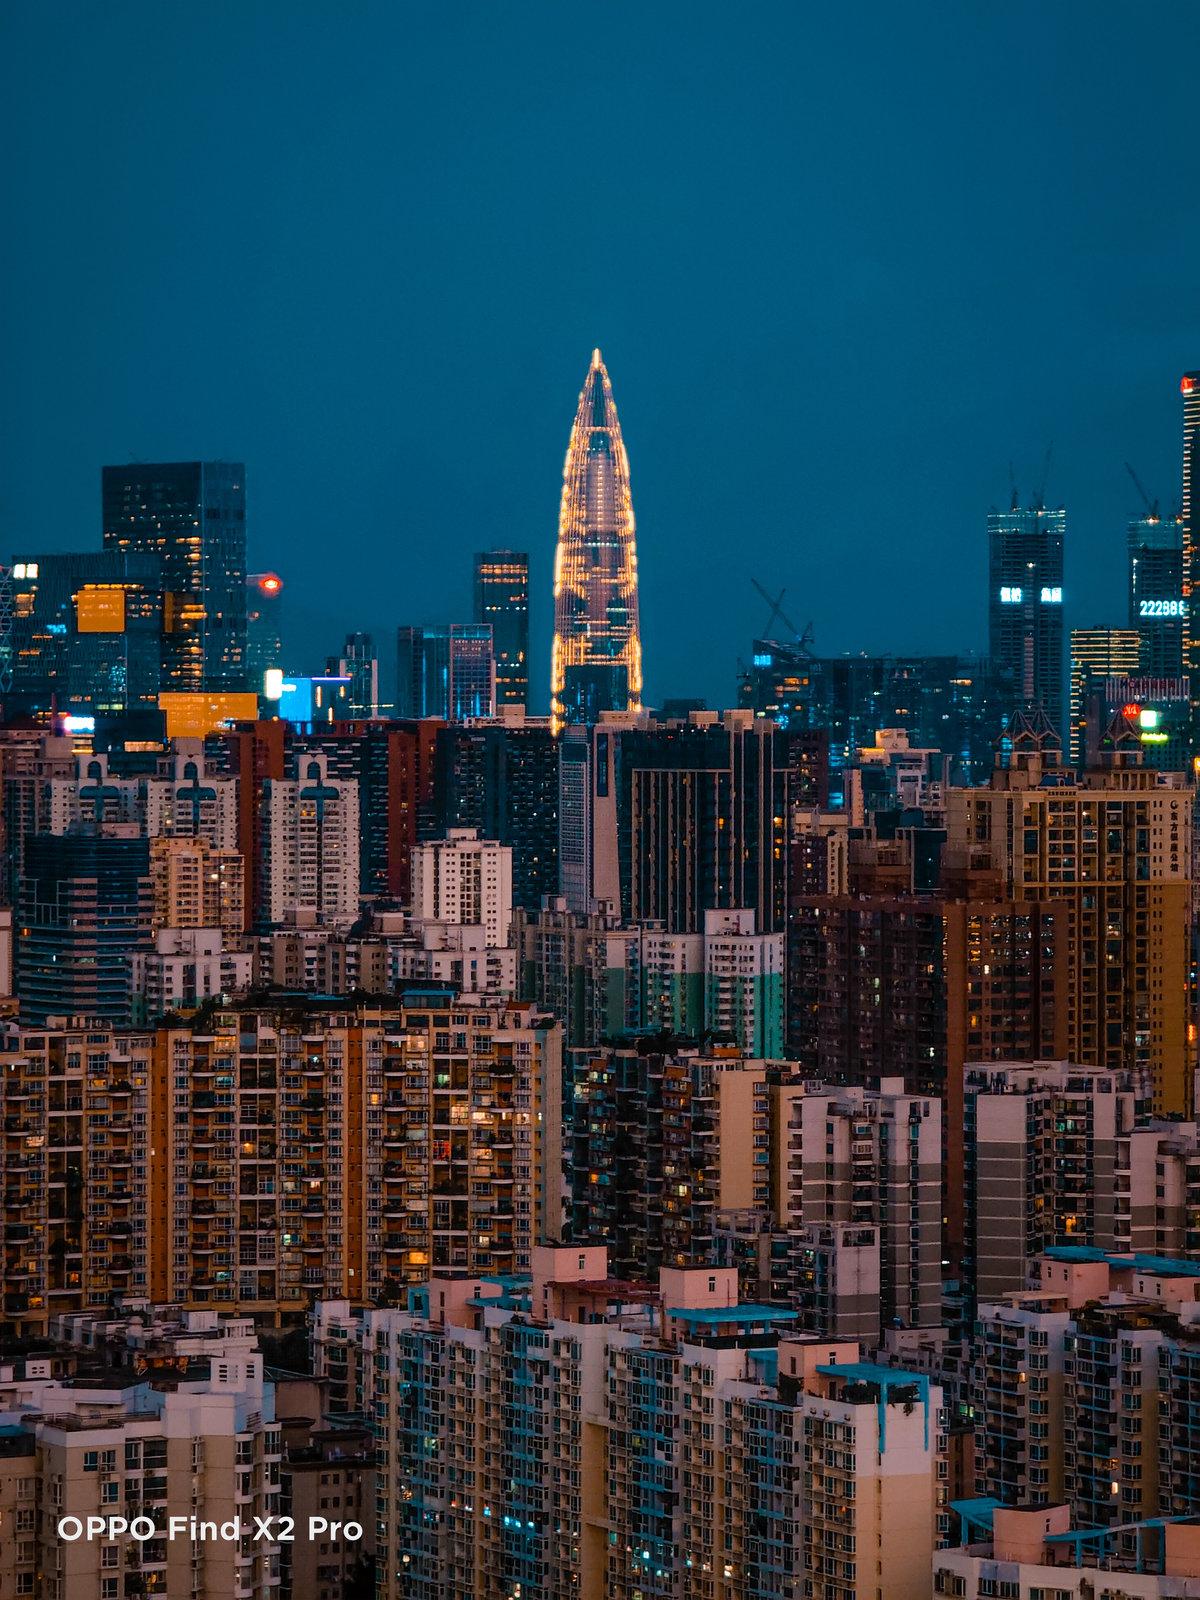 见证深圳改开40周年,Find X2 Pro 帮你成为手机摄影师 - 热点资讯 首页 第3张